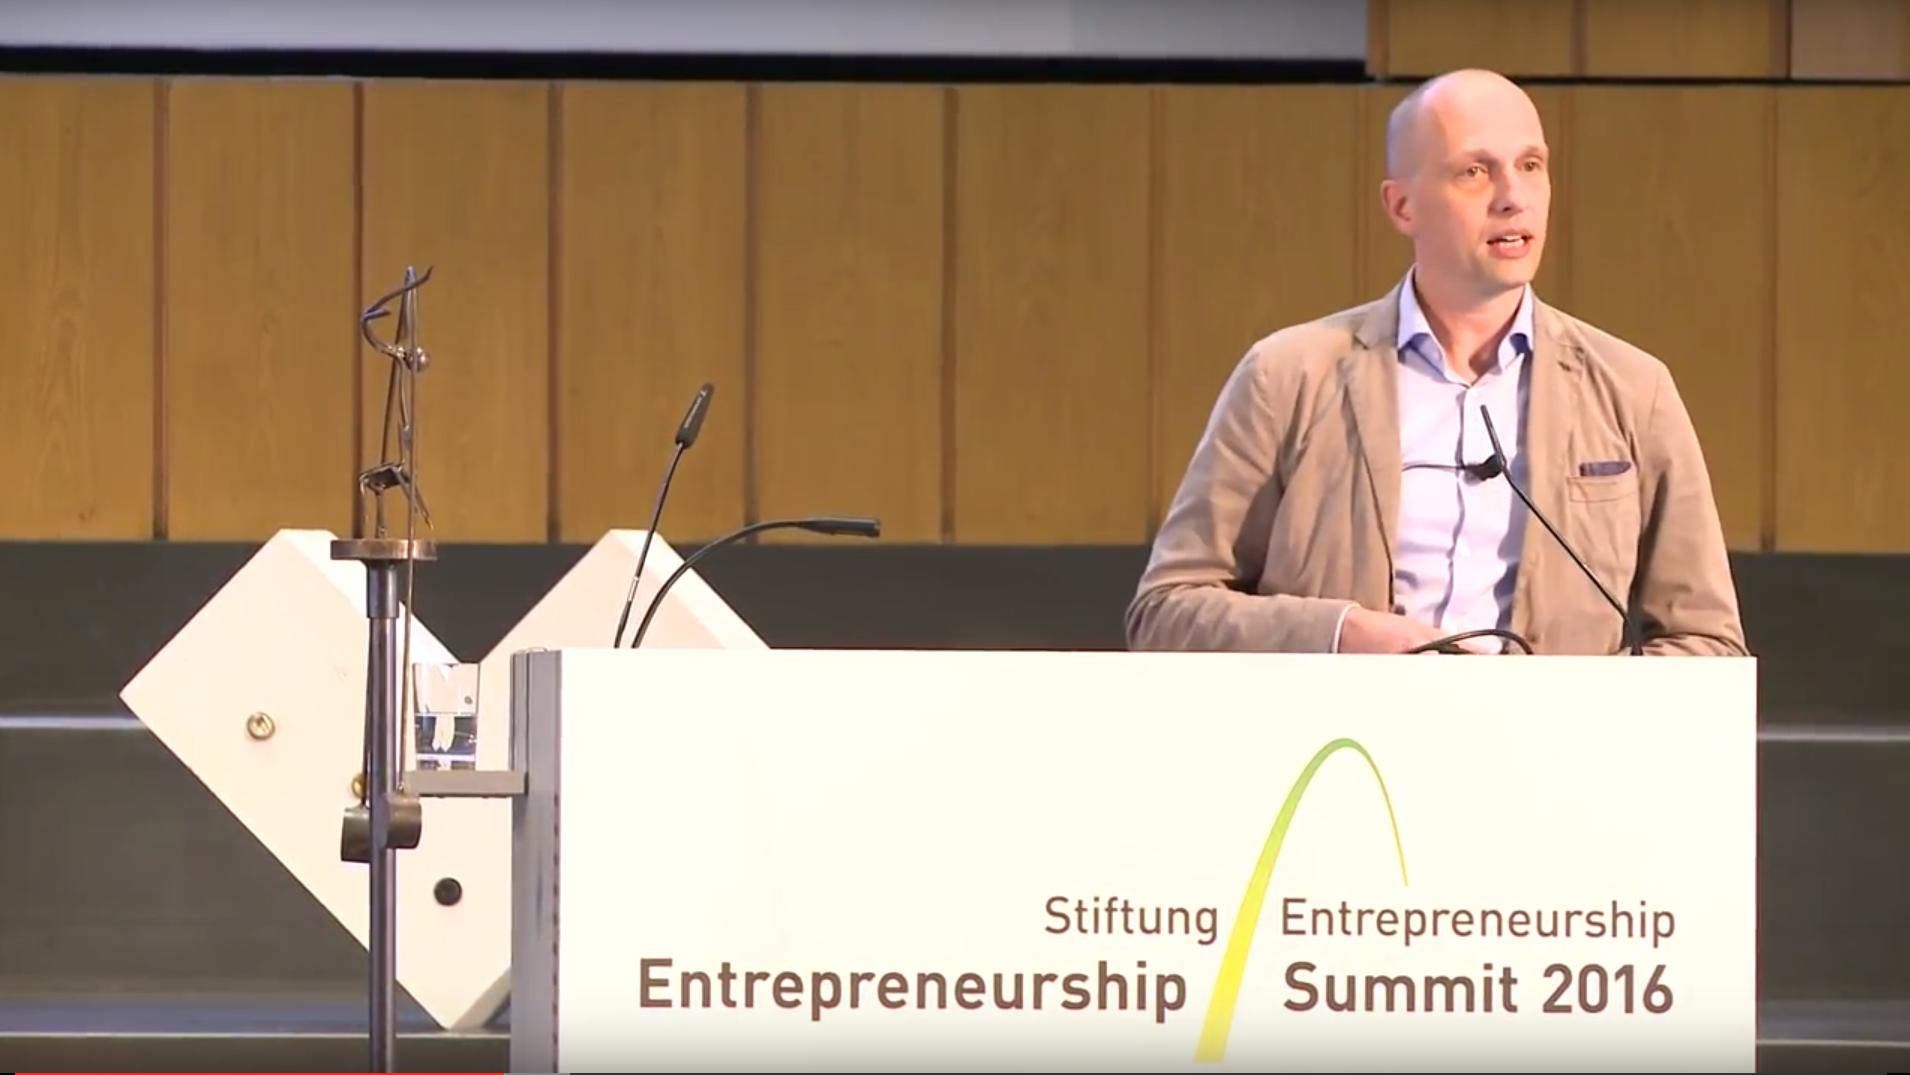 Vom Glück Unternehmer zu sein – Keynote auf dem Entrepreneurship Summit in Berlin